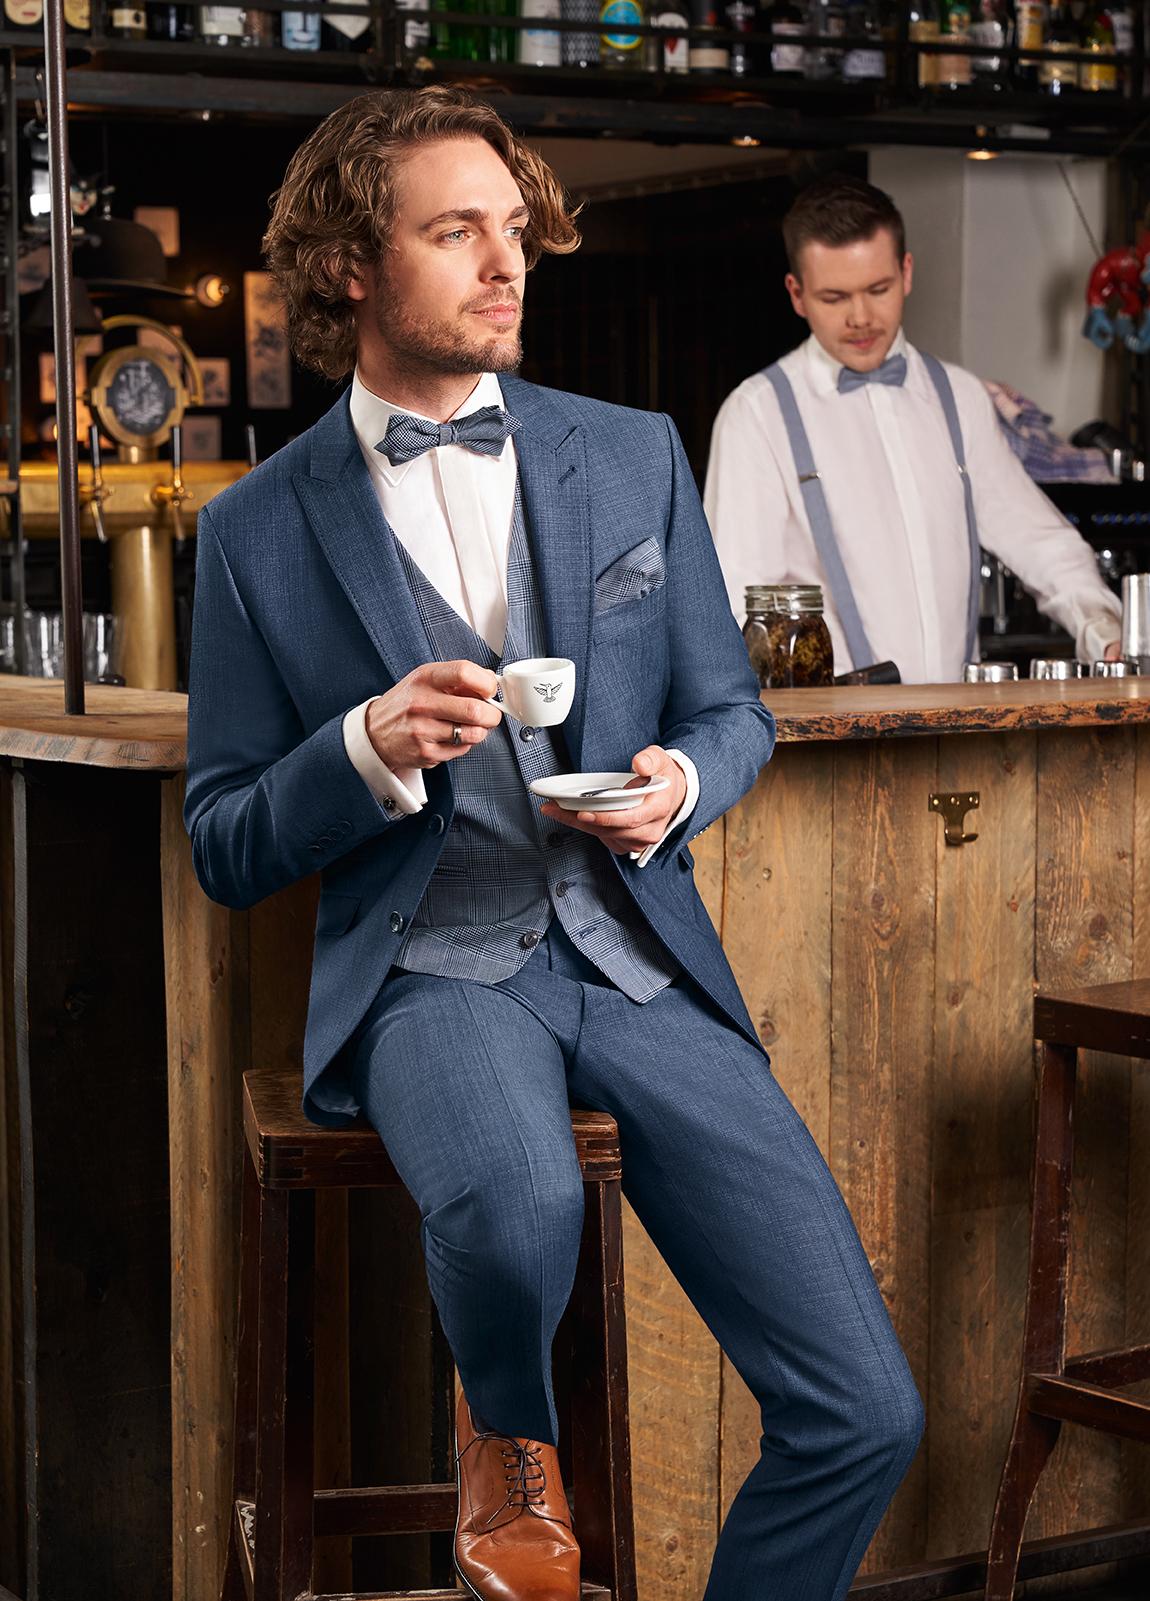 Wilvorst Green Wedding Hochzeitsanzug Männer Mode Bräutigam klassische Form vintage boho Stil blau uni Karo Zweiknopf passende Weste blau karriert blaue Fliege